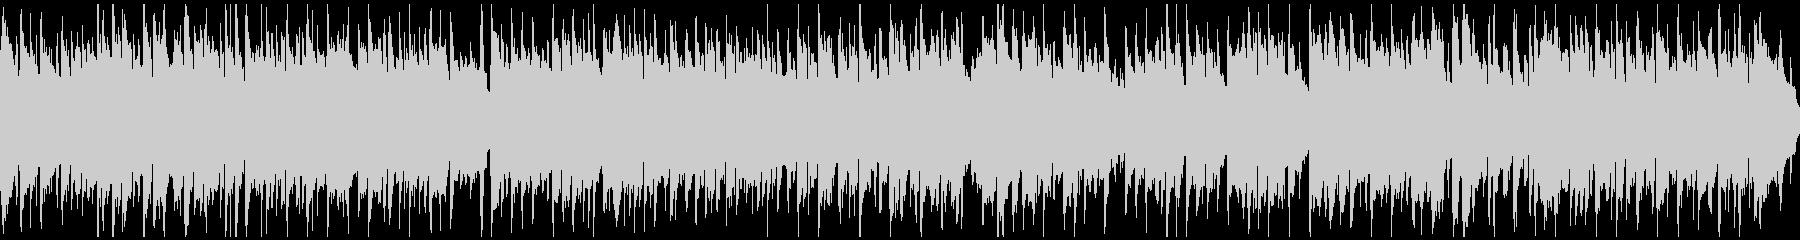 懐かしい田舎の夕焼けリコーダー※ループ版の未再生の波形